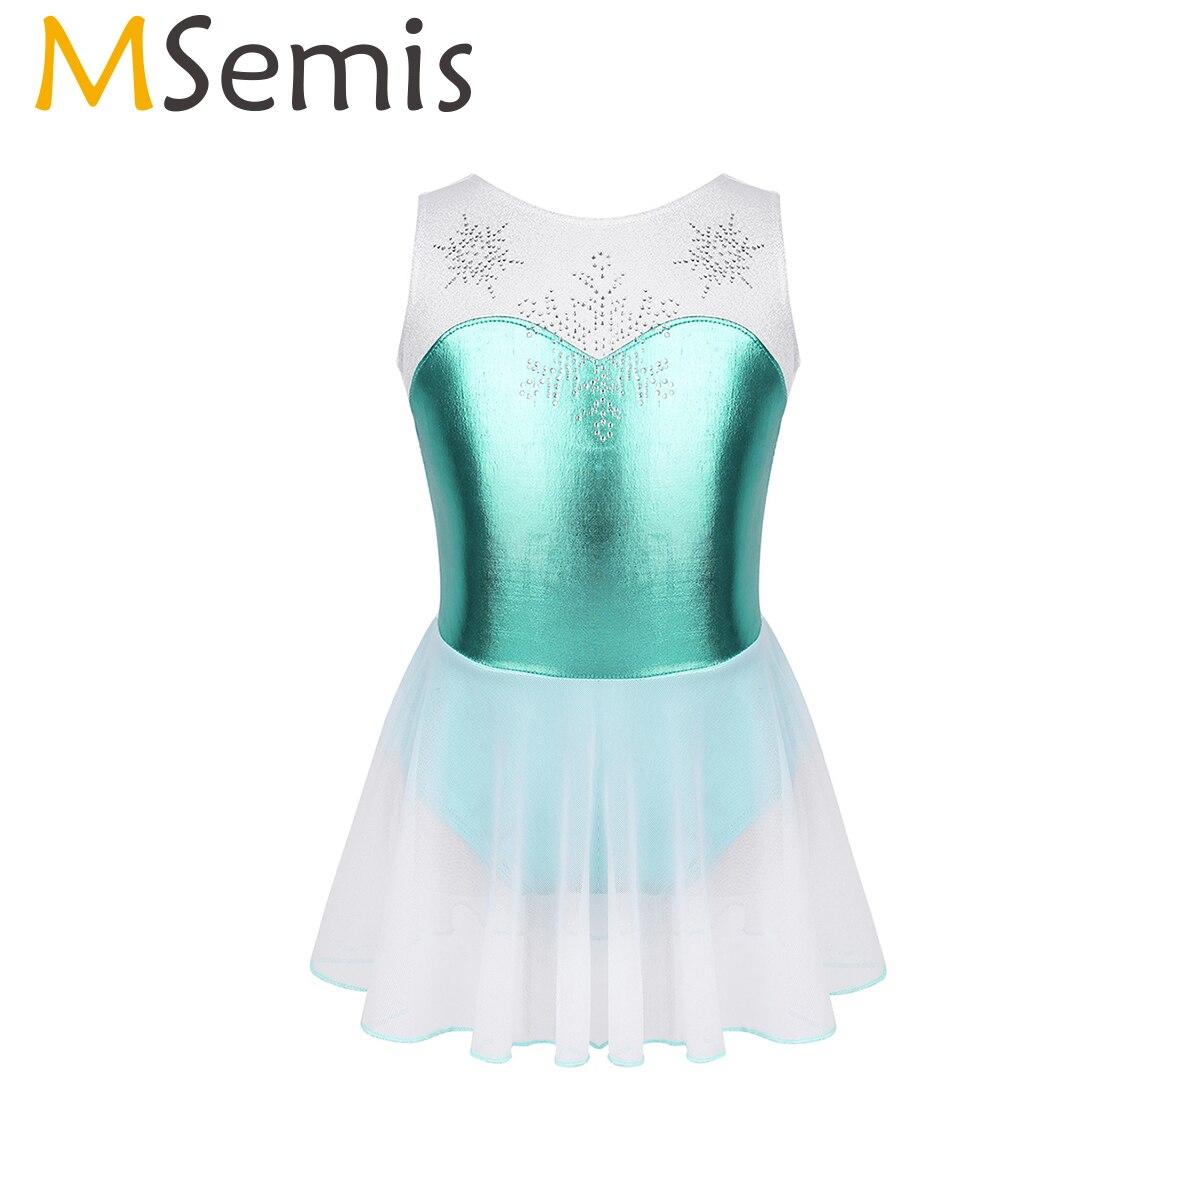 Vestido de Ballet metalizado para chica de MSemis, traje de baño con leotardo para chico, ropa de gimnasia rítmica, copo de nieve de estrás y bailarina